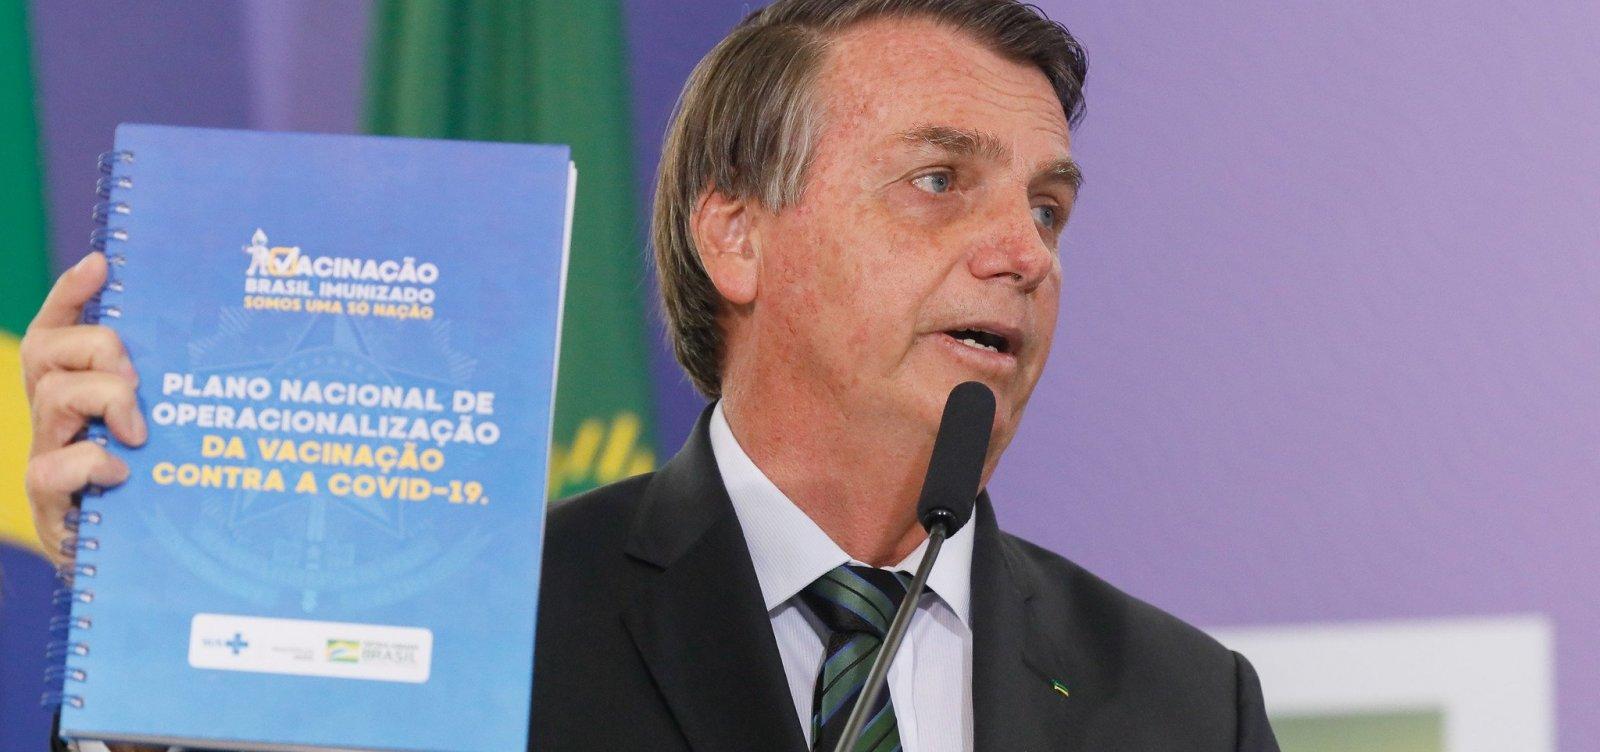 Planalto determina que cartão de vacinação de Bolsonaro fique em sigilo por 100 anos